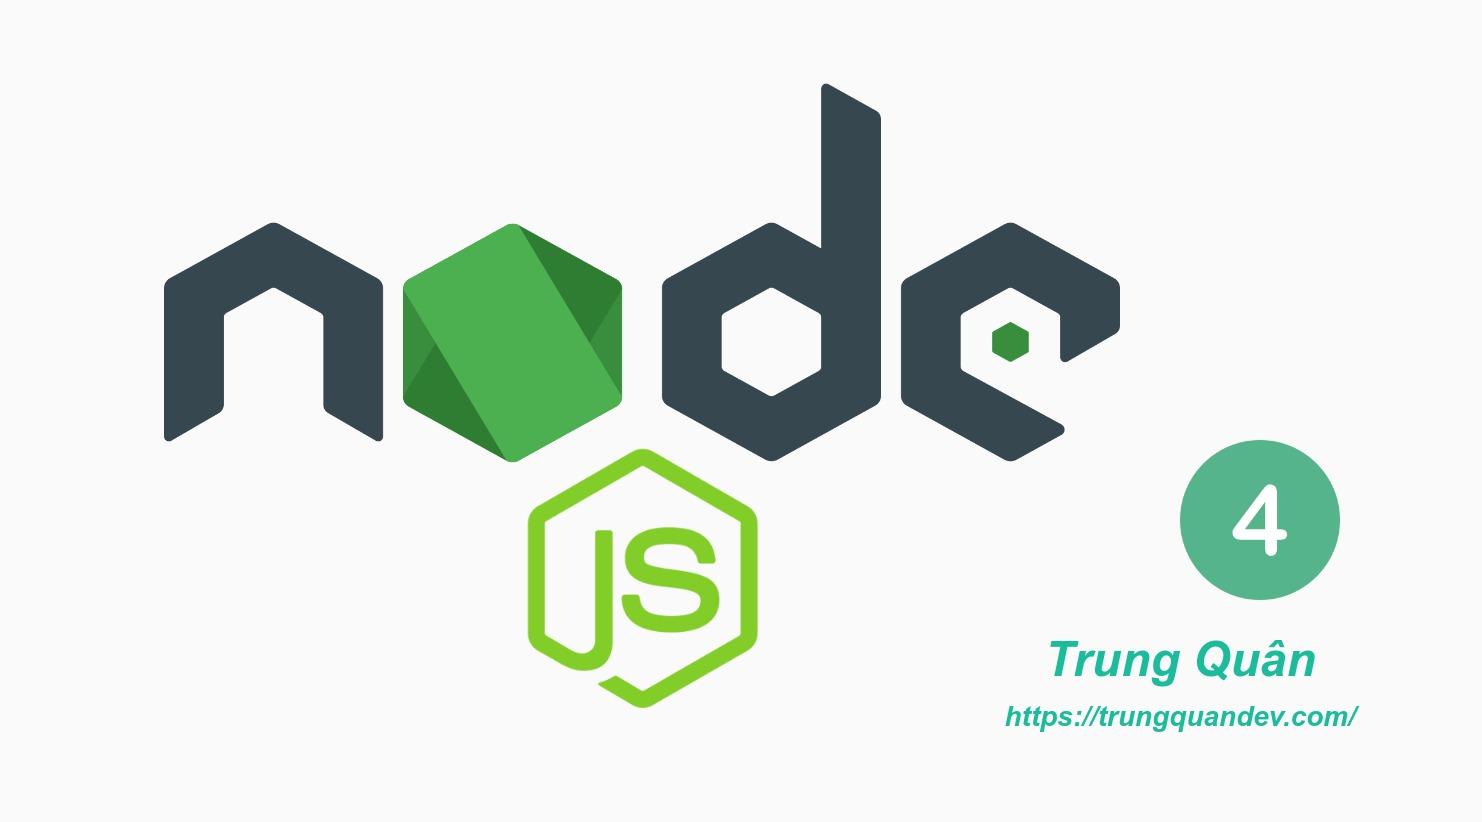 nodejs-04-http-fs-url-trungquandev